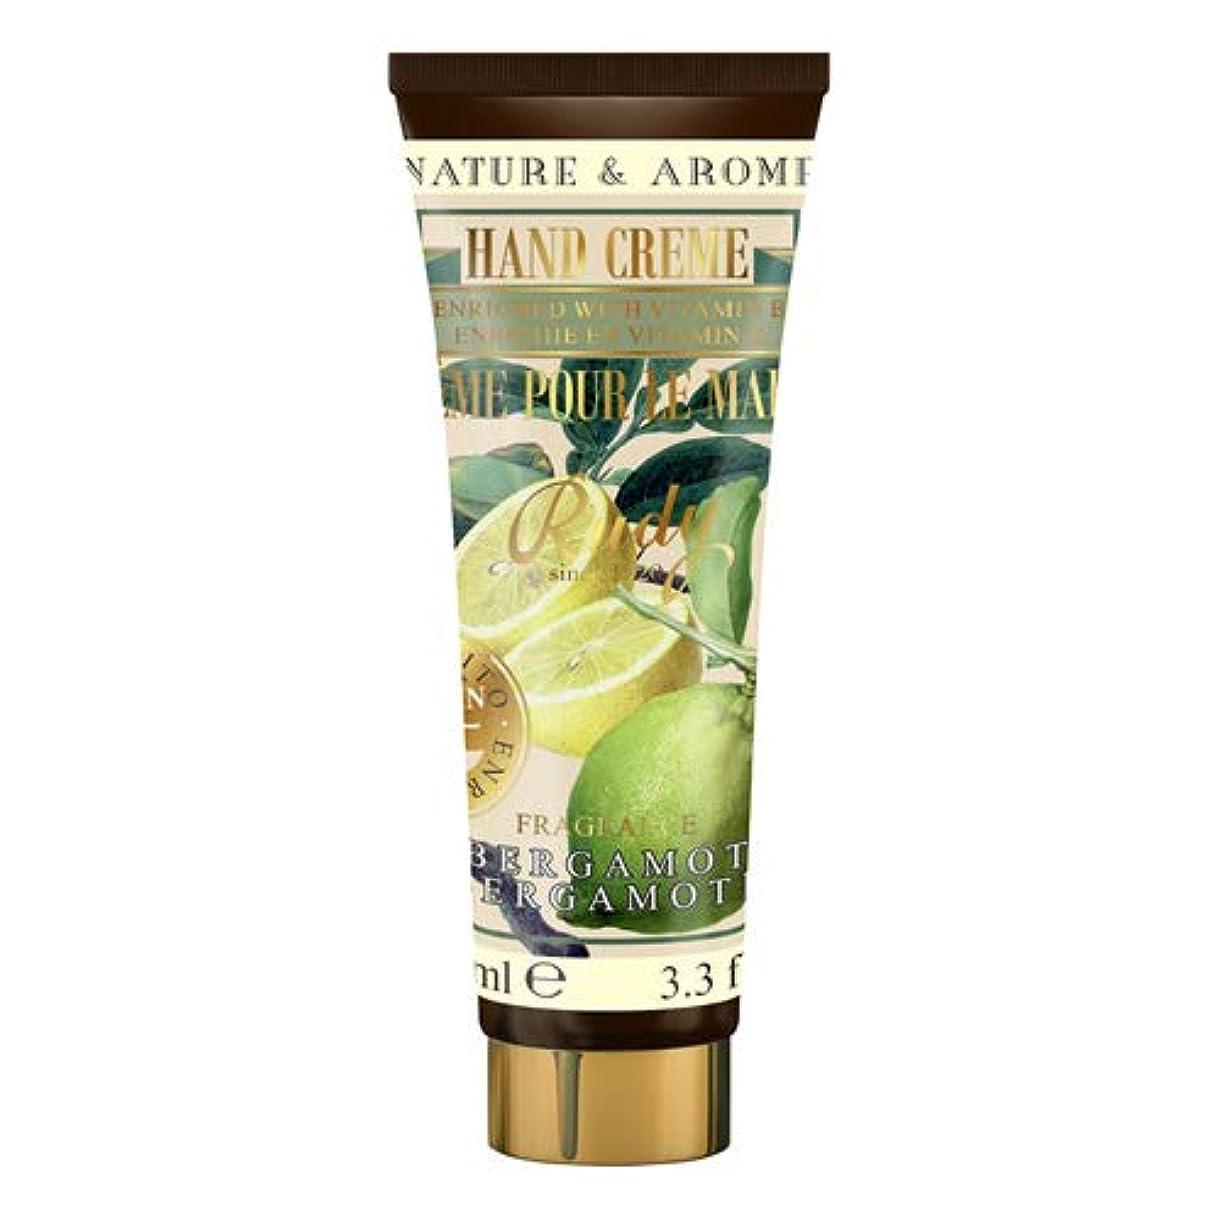 ミリメーター事大陸RUDY Nature&Arome Apothecary ネイチャーアロマ アポセカリー Hand Cream ハンドクリーム Bergamot ベルガモット